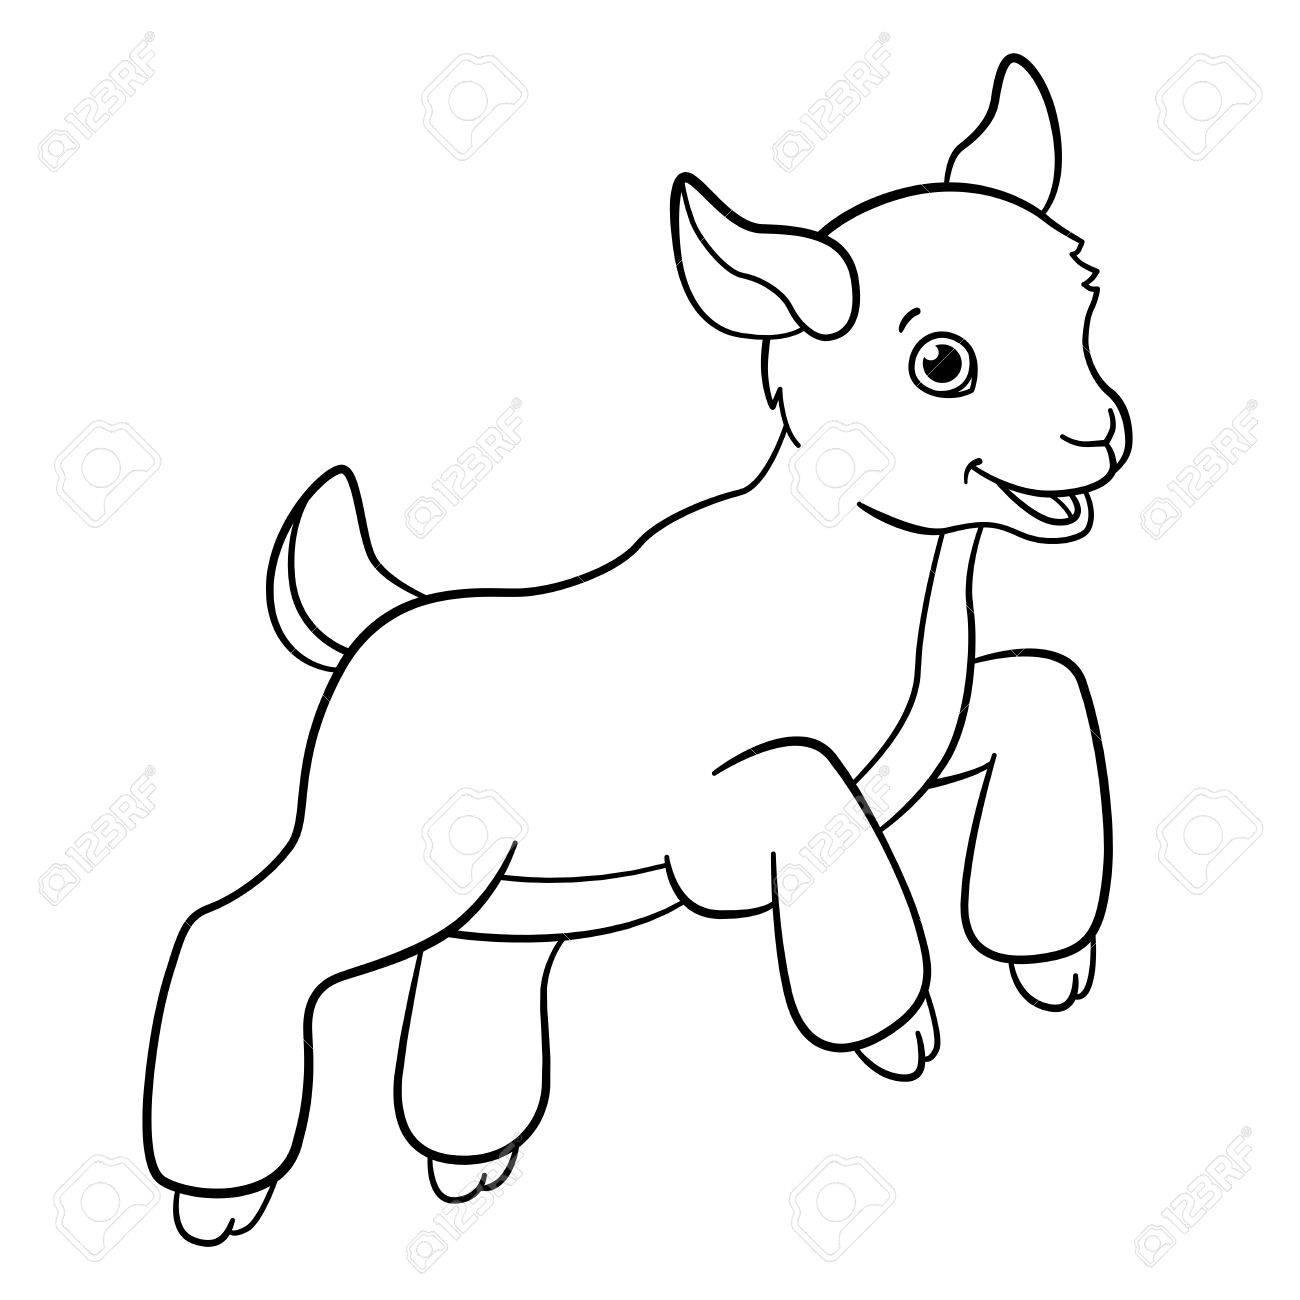 Malvorlagen. Nutztiere. Kleine Nette Goatling Springt Und Lächelt ...